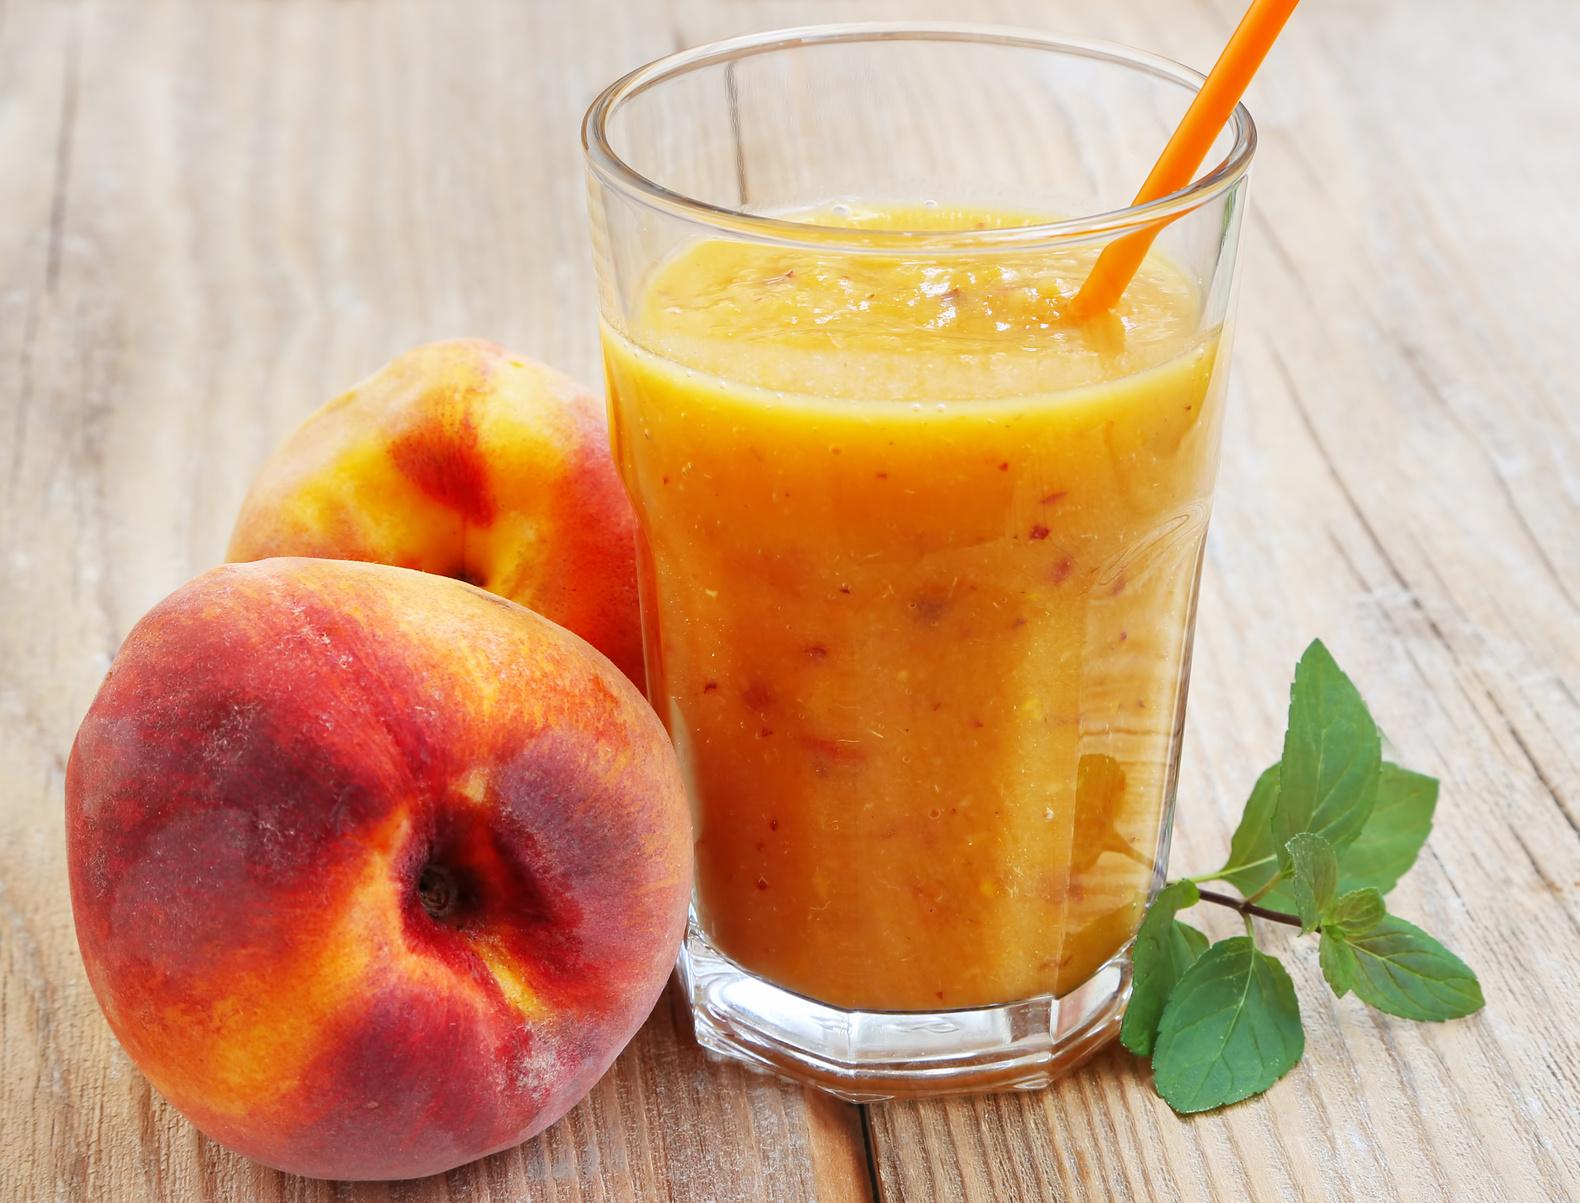 Succhi di frutta fatti in casa 3 idee sane e dissetanti for Succhi di frutta fatti in casa